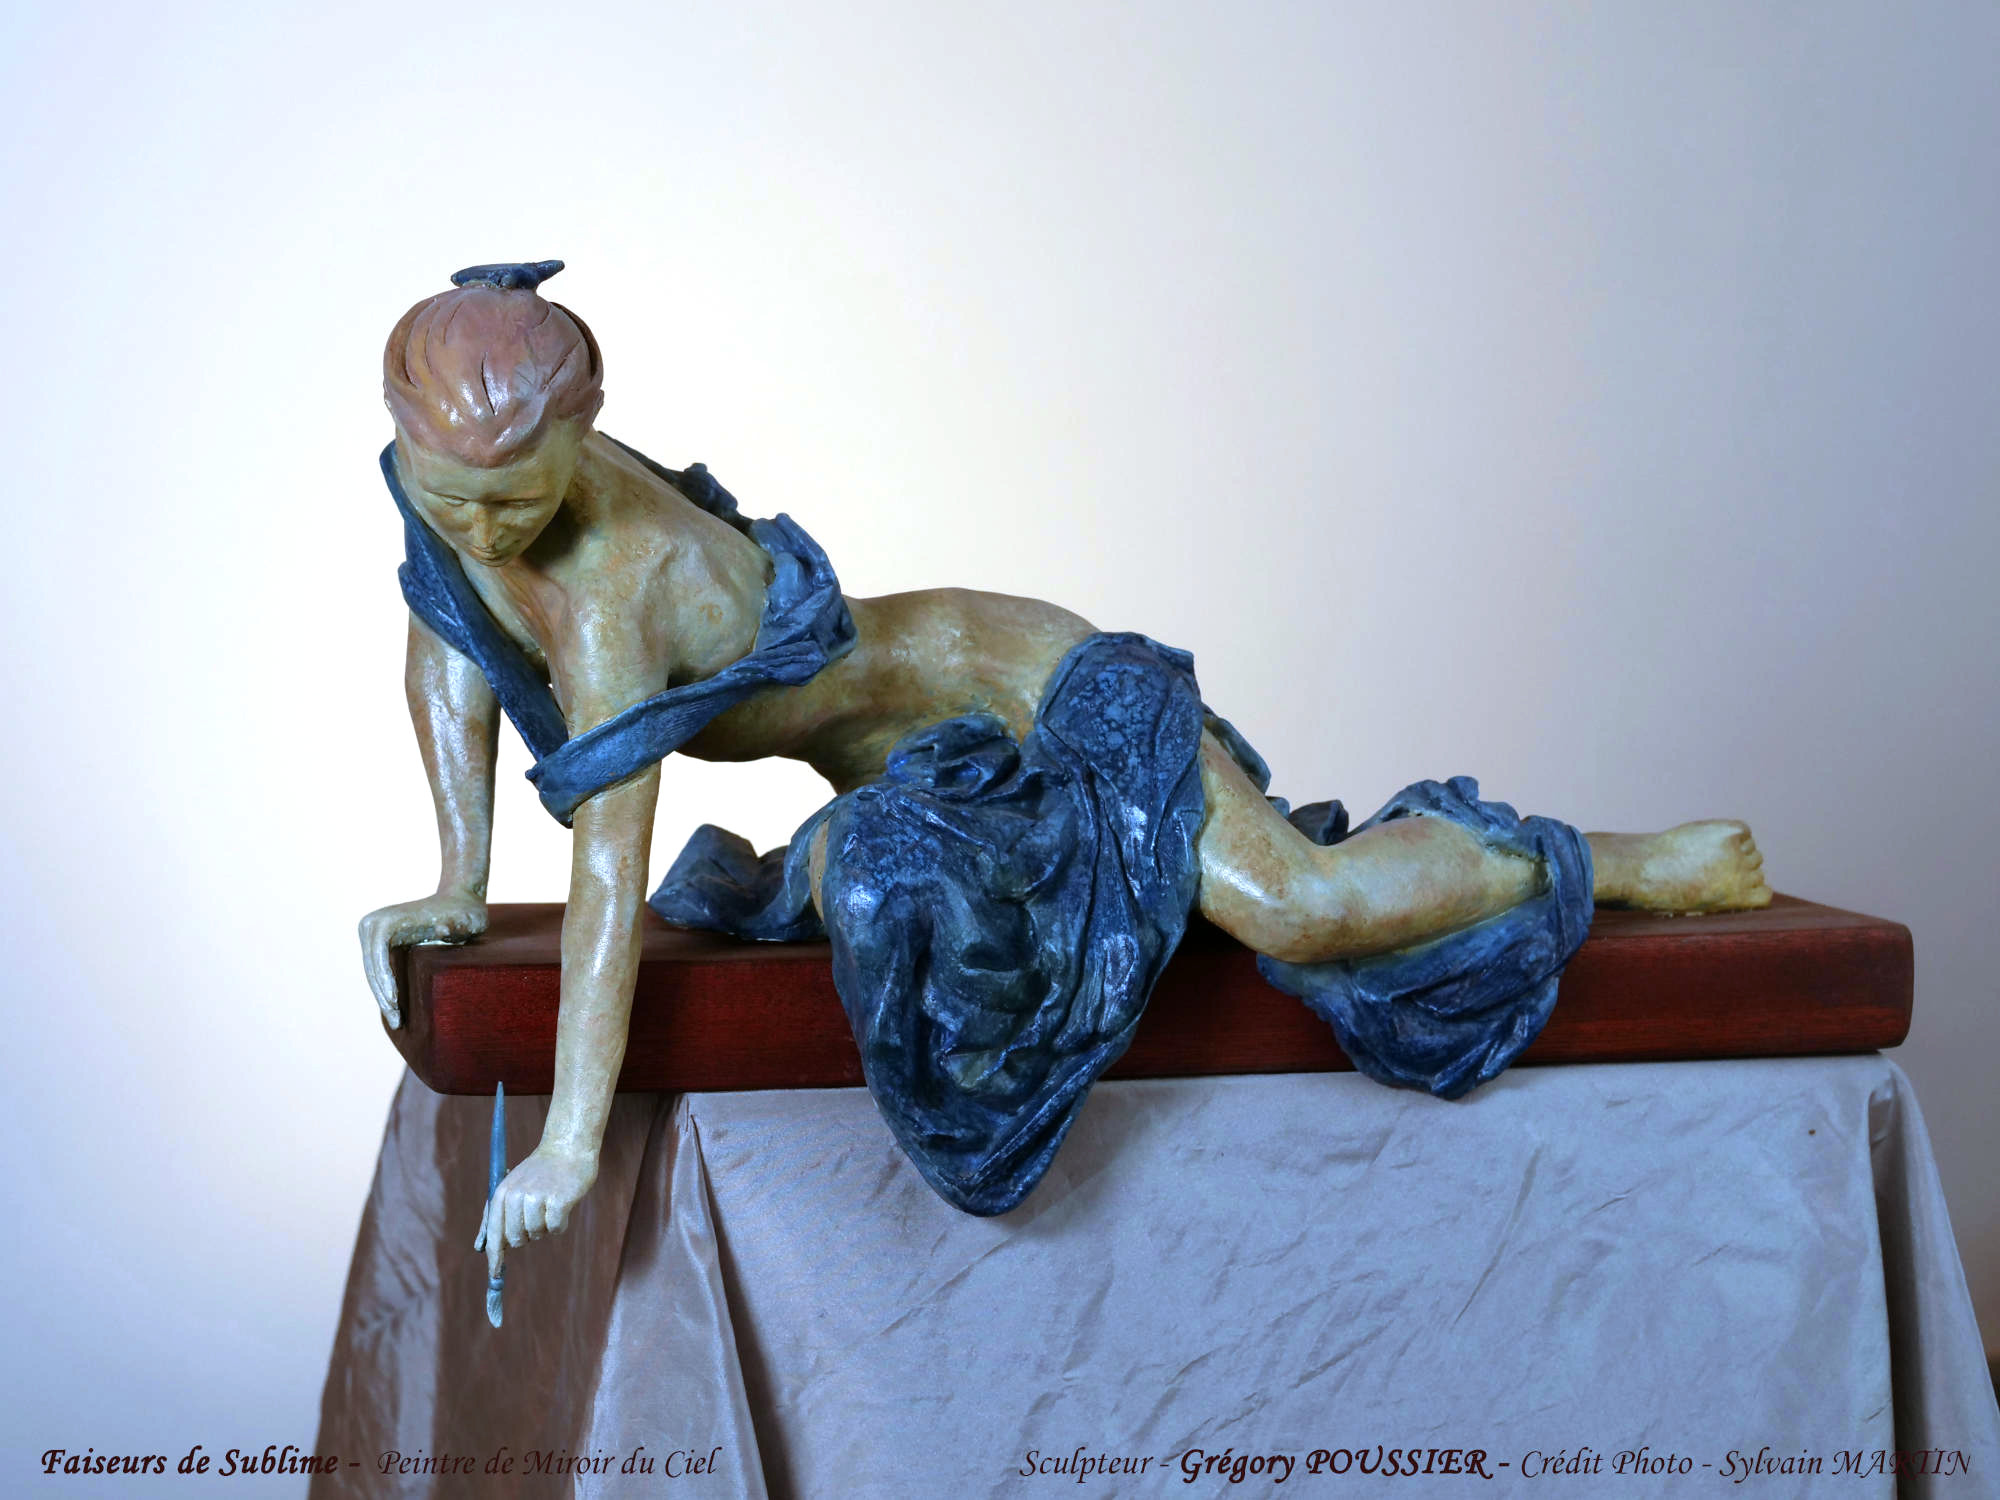 Faiseurs de Sublime - Peintre de miroir du ciel - terre cuite